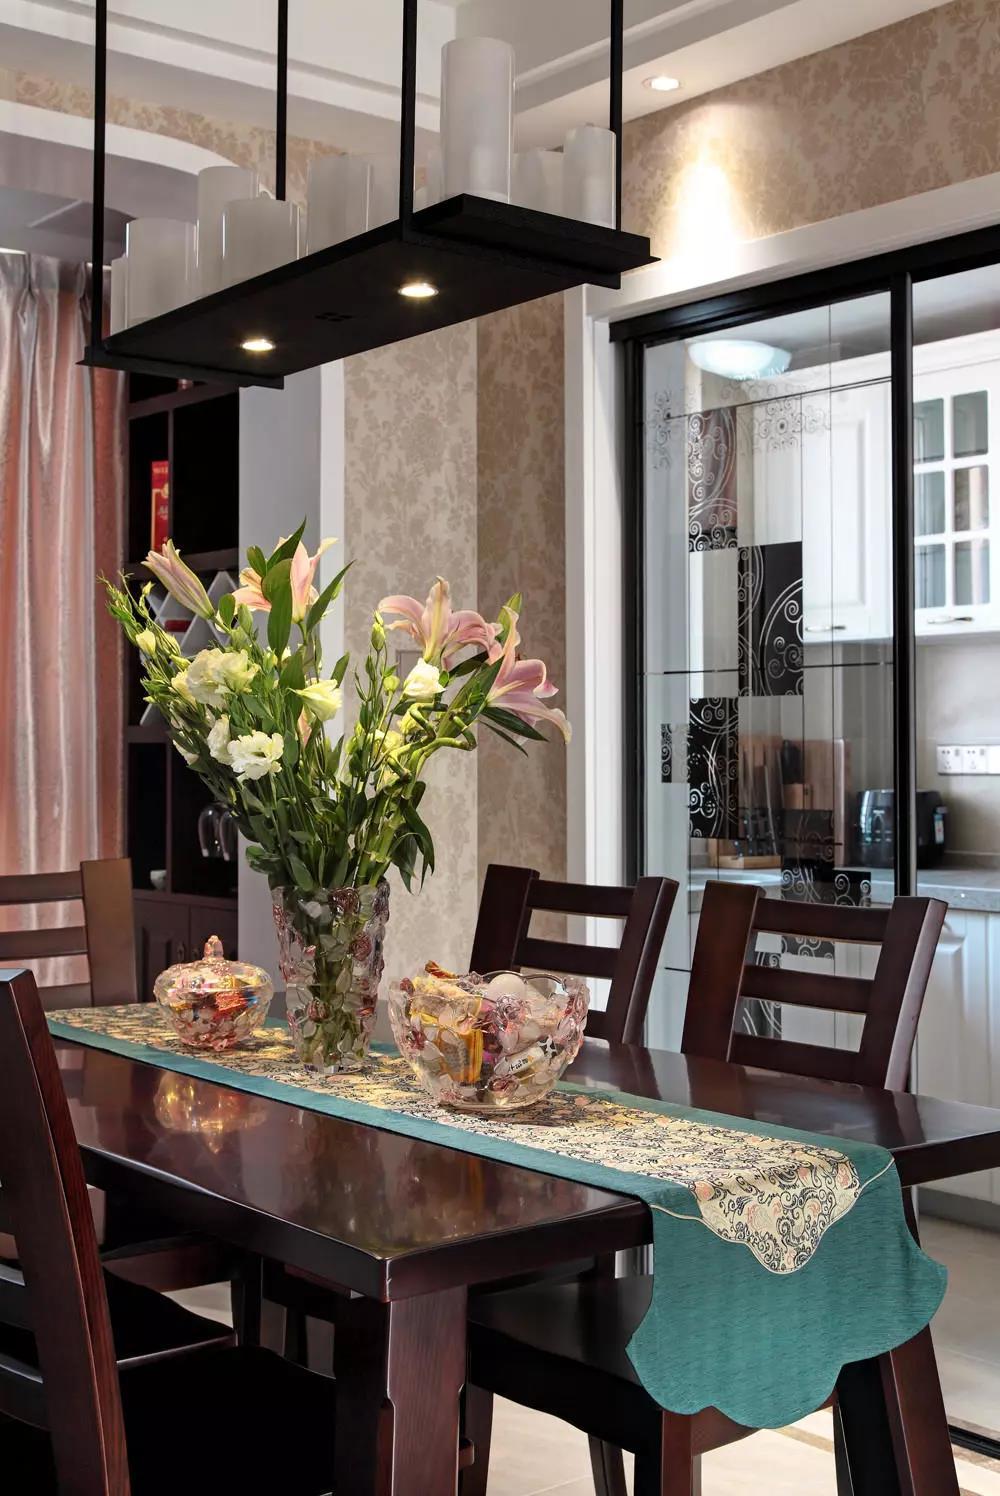 新中式 设计案例 餐厅图片来自大业美家 家居装饰在中冶德贤装修 ▏138㎡新中式设计的分享